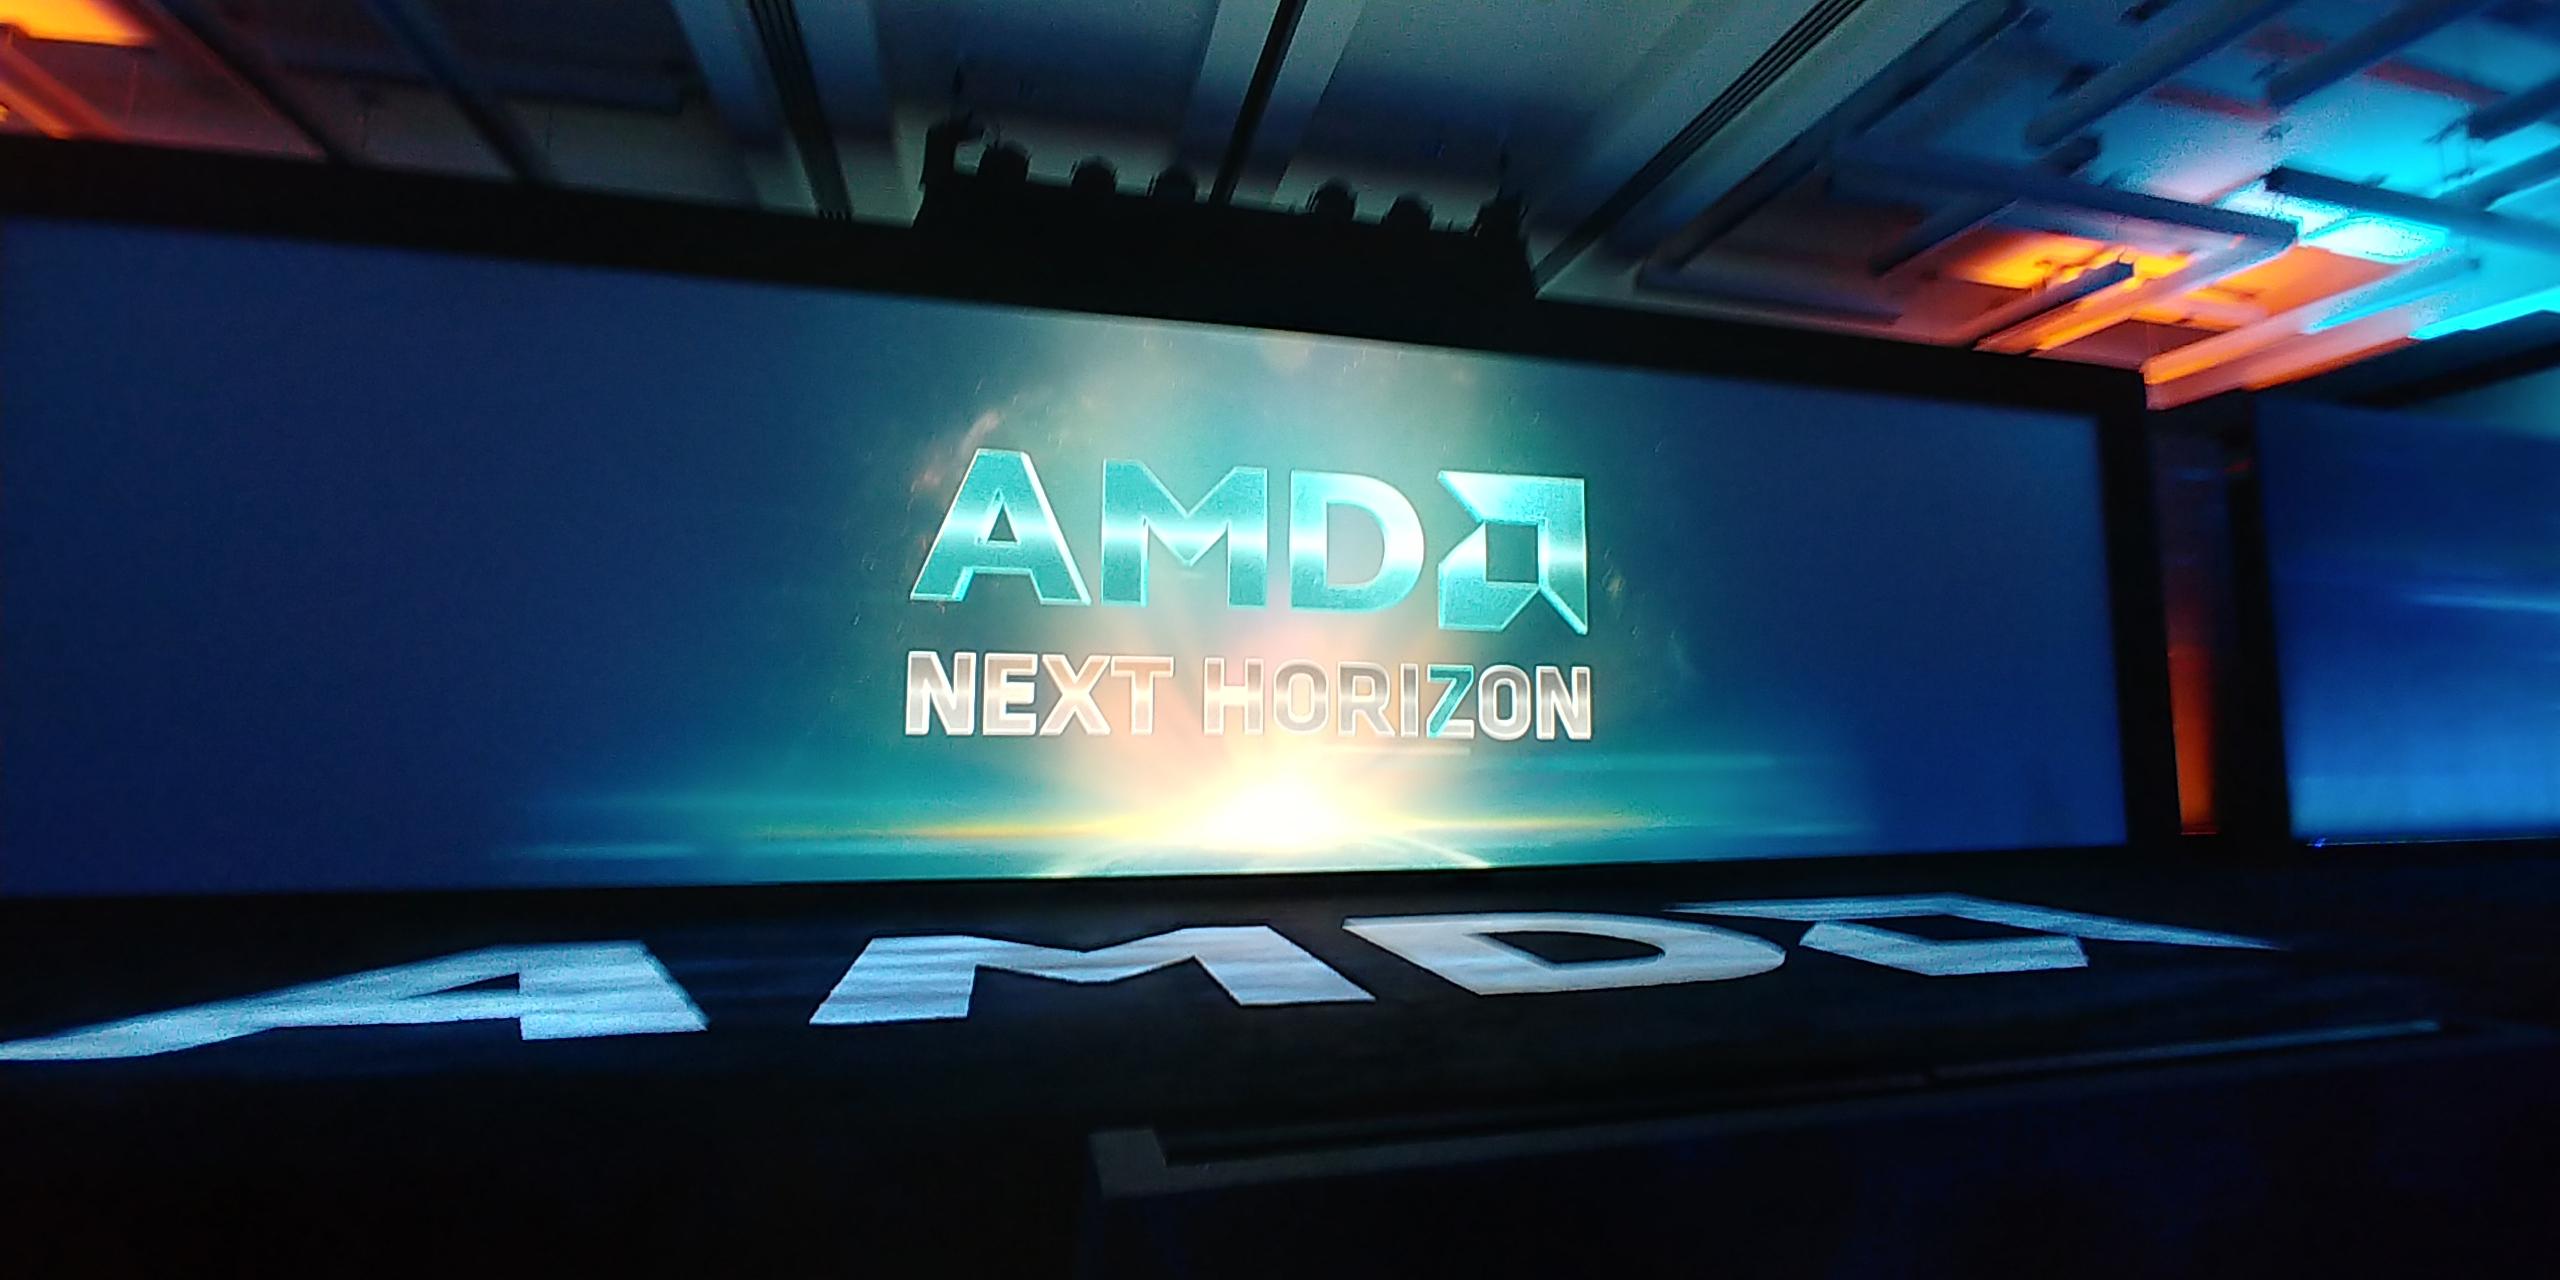 AMD Next Horizon Live Blog: Starts 9am PT / 5pm UTC